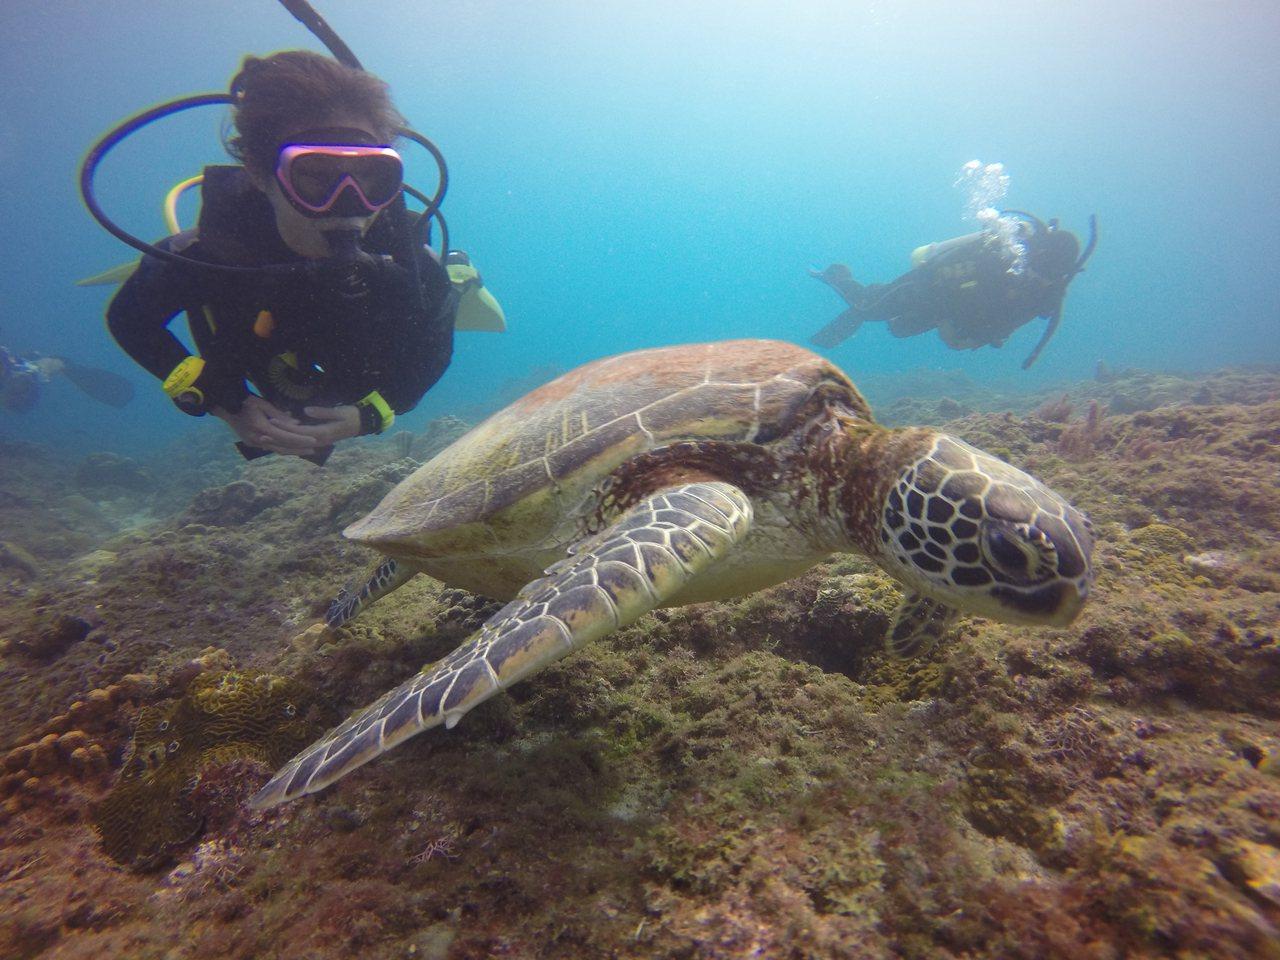 體驗潛水看綠蠵龜近年爆紅,小琉球更成為觀光熱點,潛水教練蘇淮說,觀賞綠蠵龜有5個...